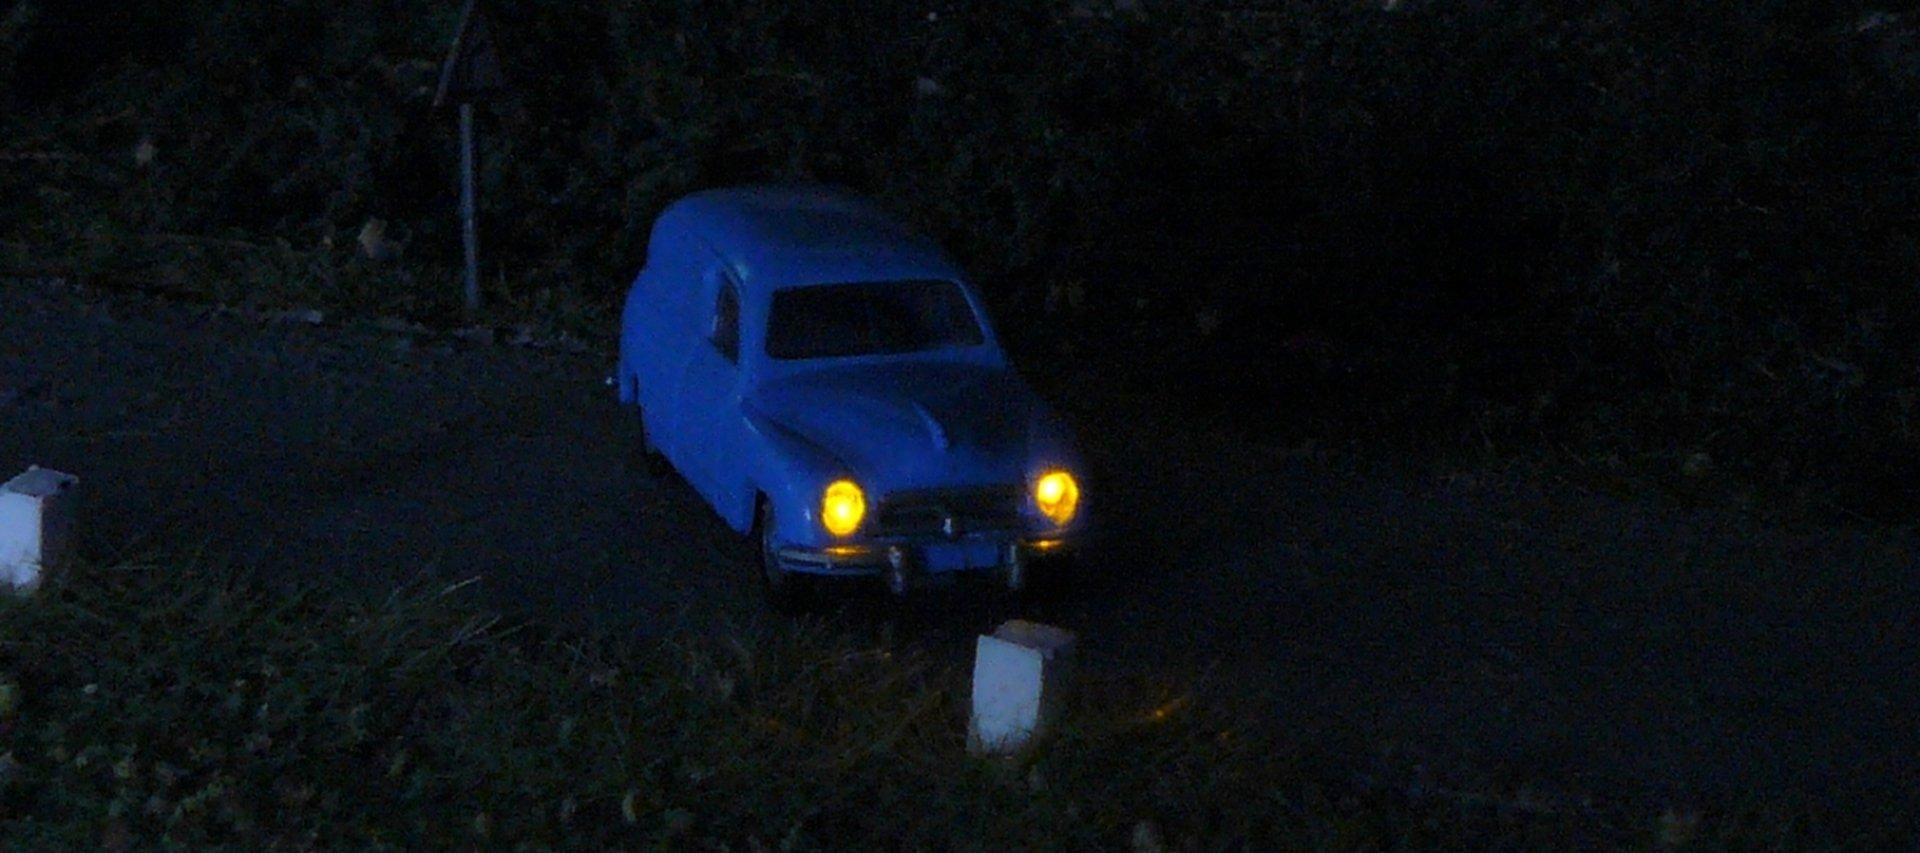 MagicRoad – bezkáblové a bezbatériové osvetlenie áut na koľajisku post thumbnail image